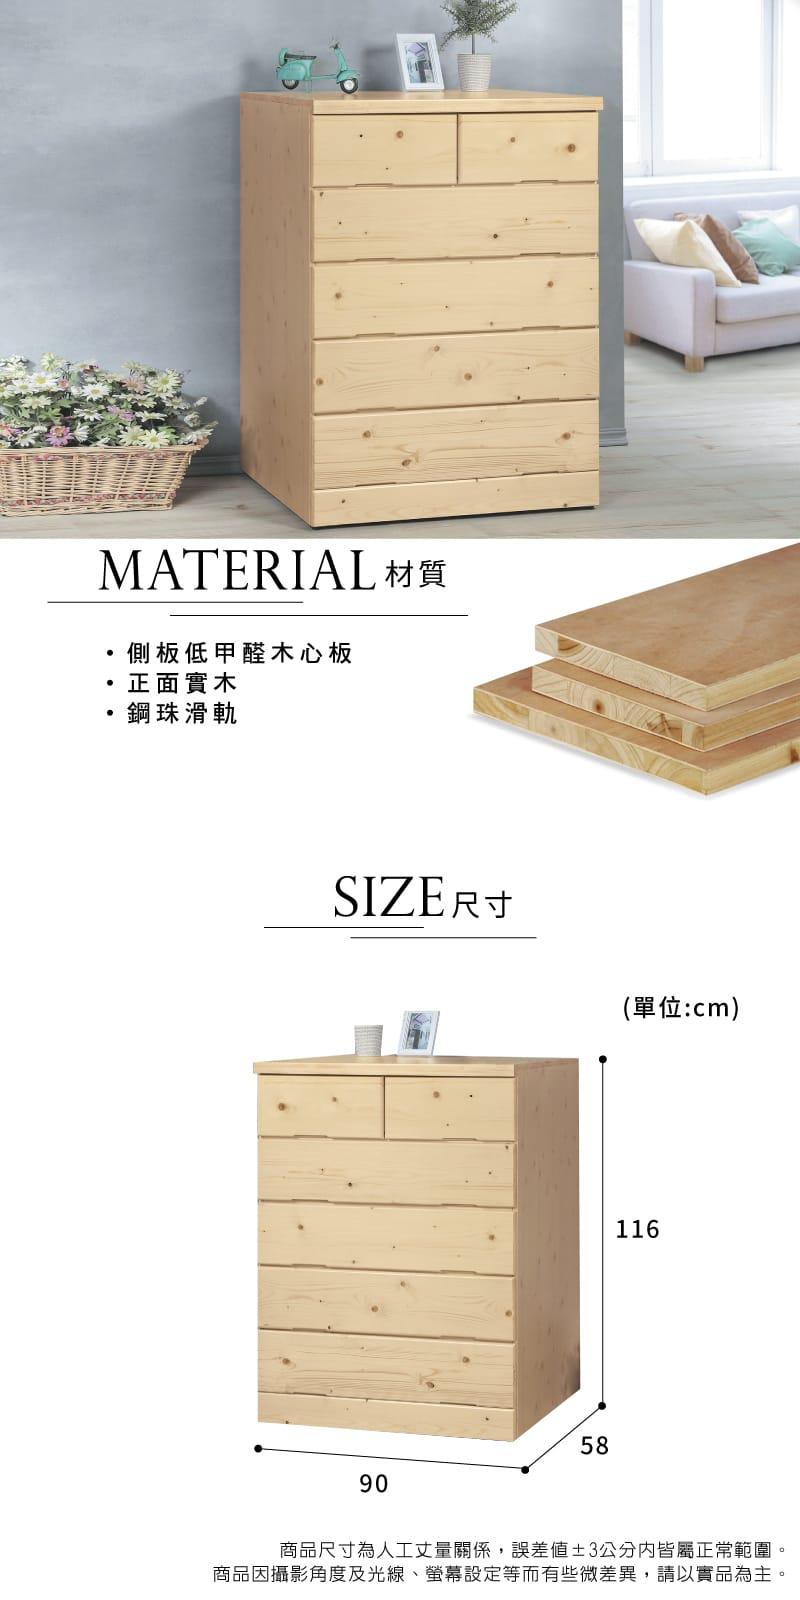 松木收納置物五斗櫃 寬90cm